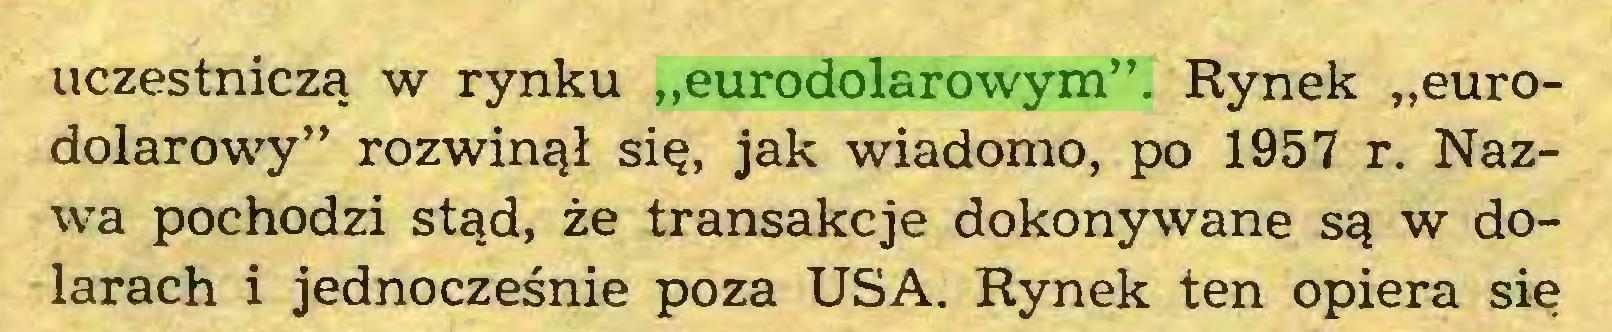 """(...) uczestniczą w rynku """"eurodolarowym"""". Rynek """"eurodolarowy"""" rozwinął się, jak wiadomo, po 1957 r. Nazwa pochodzi stąd, że transakcje dokonywane są w dolarach i jednocześnie poza USA. Rynek ten opiera się..."""